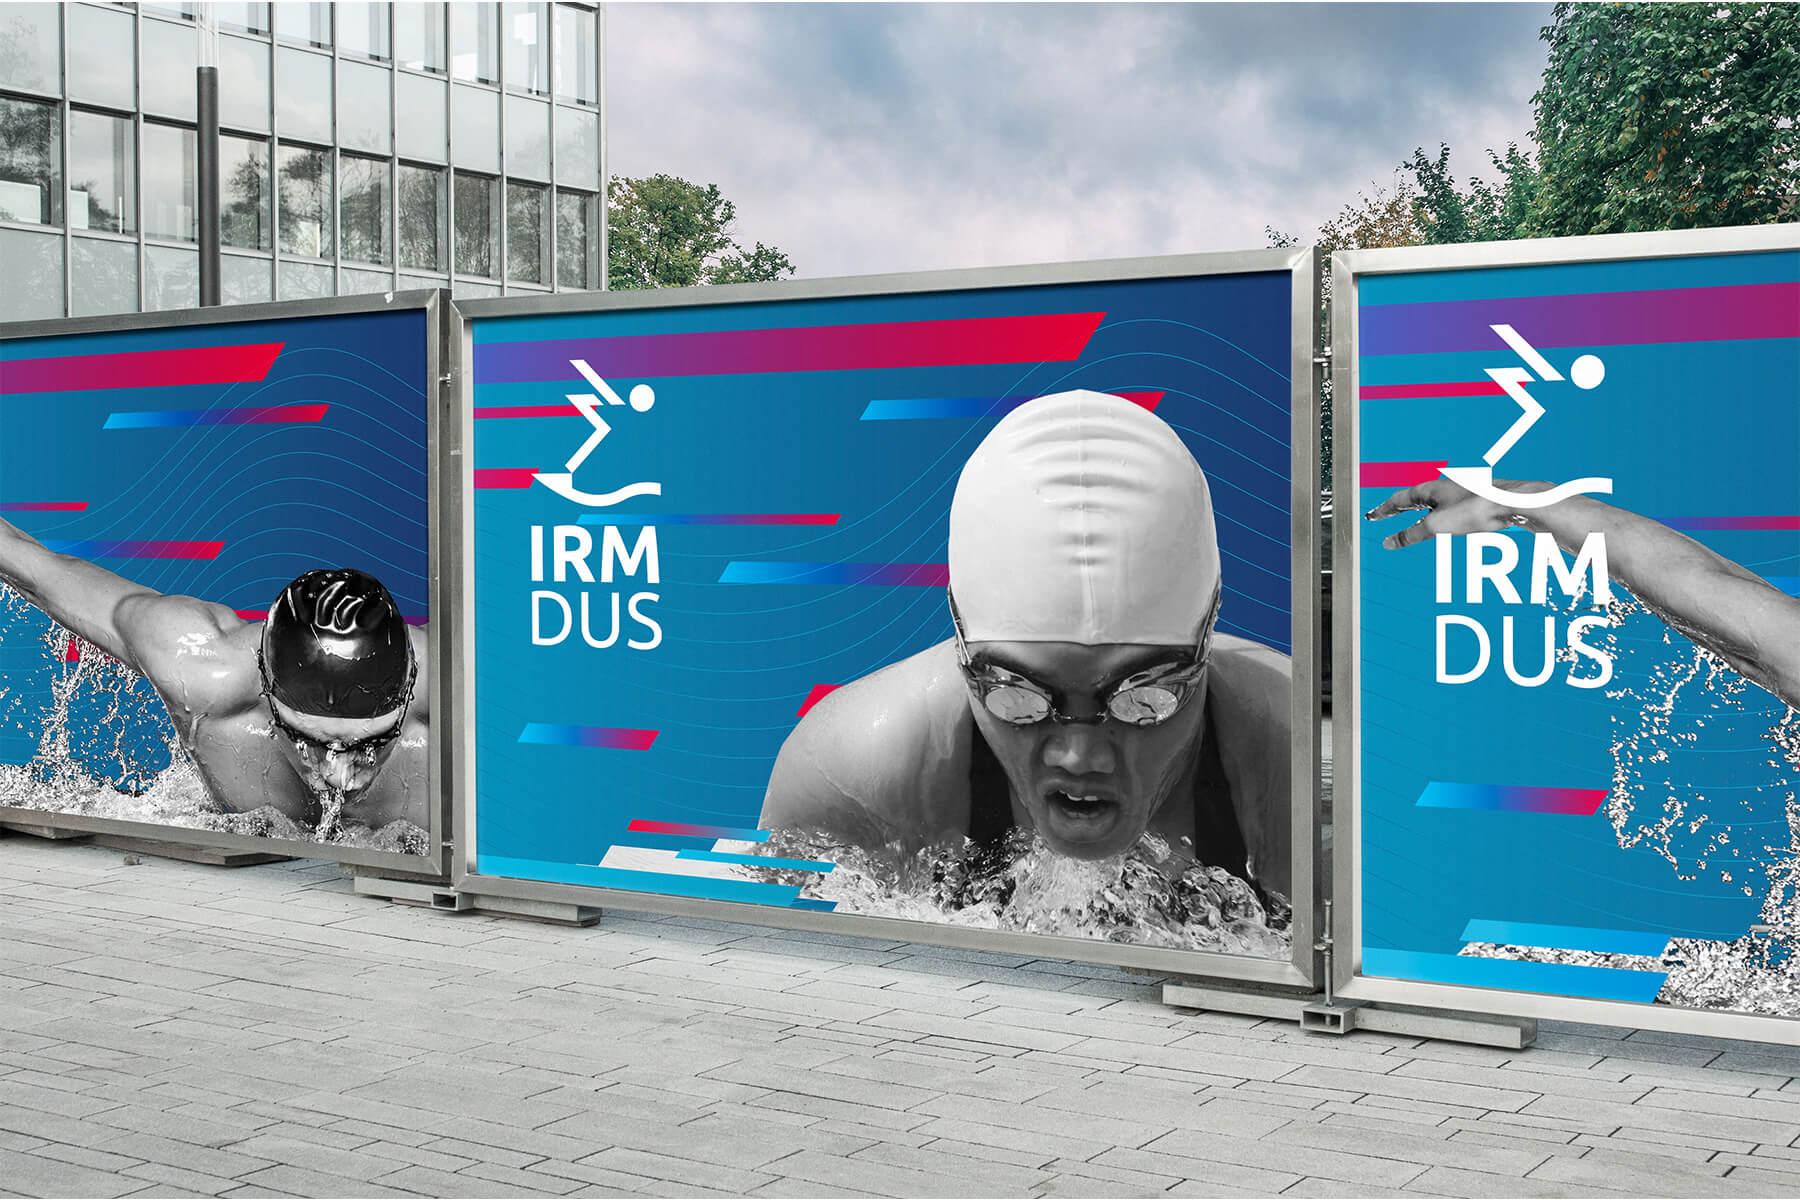 IRM DUS Logo Internationales Rheinmeeting Düsseldorf Eventmarketing Sport Aussenwerbung Absperrungsbanner